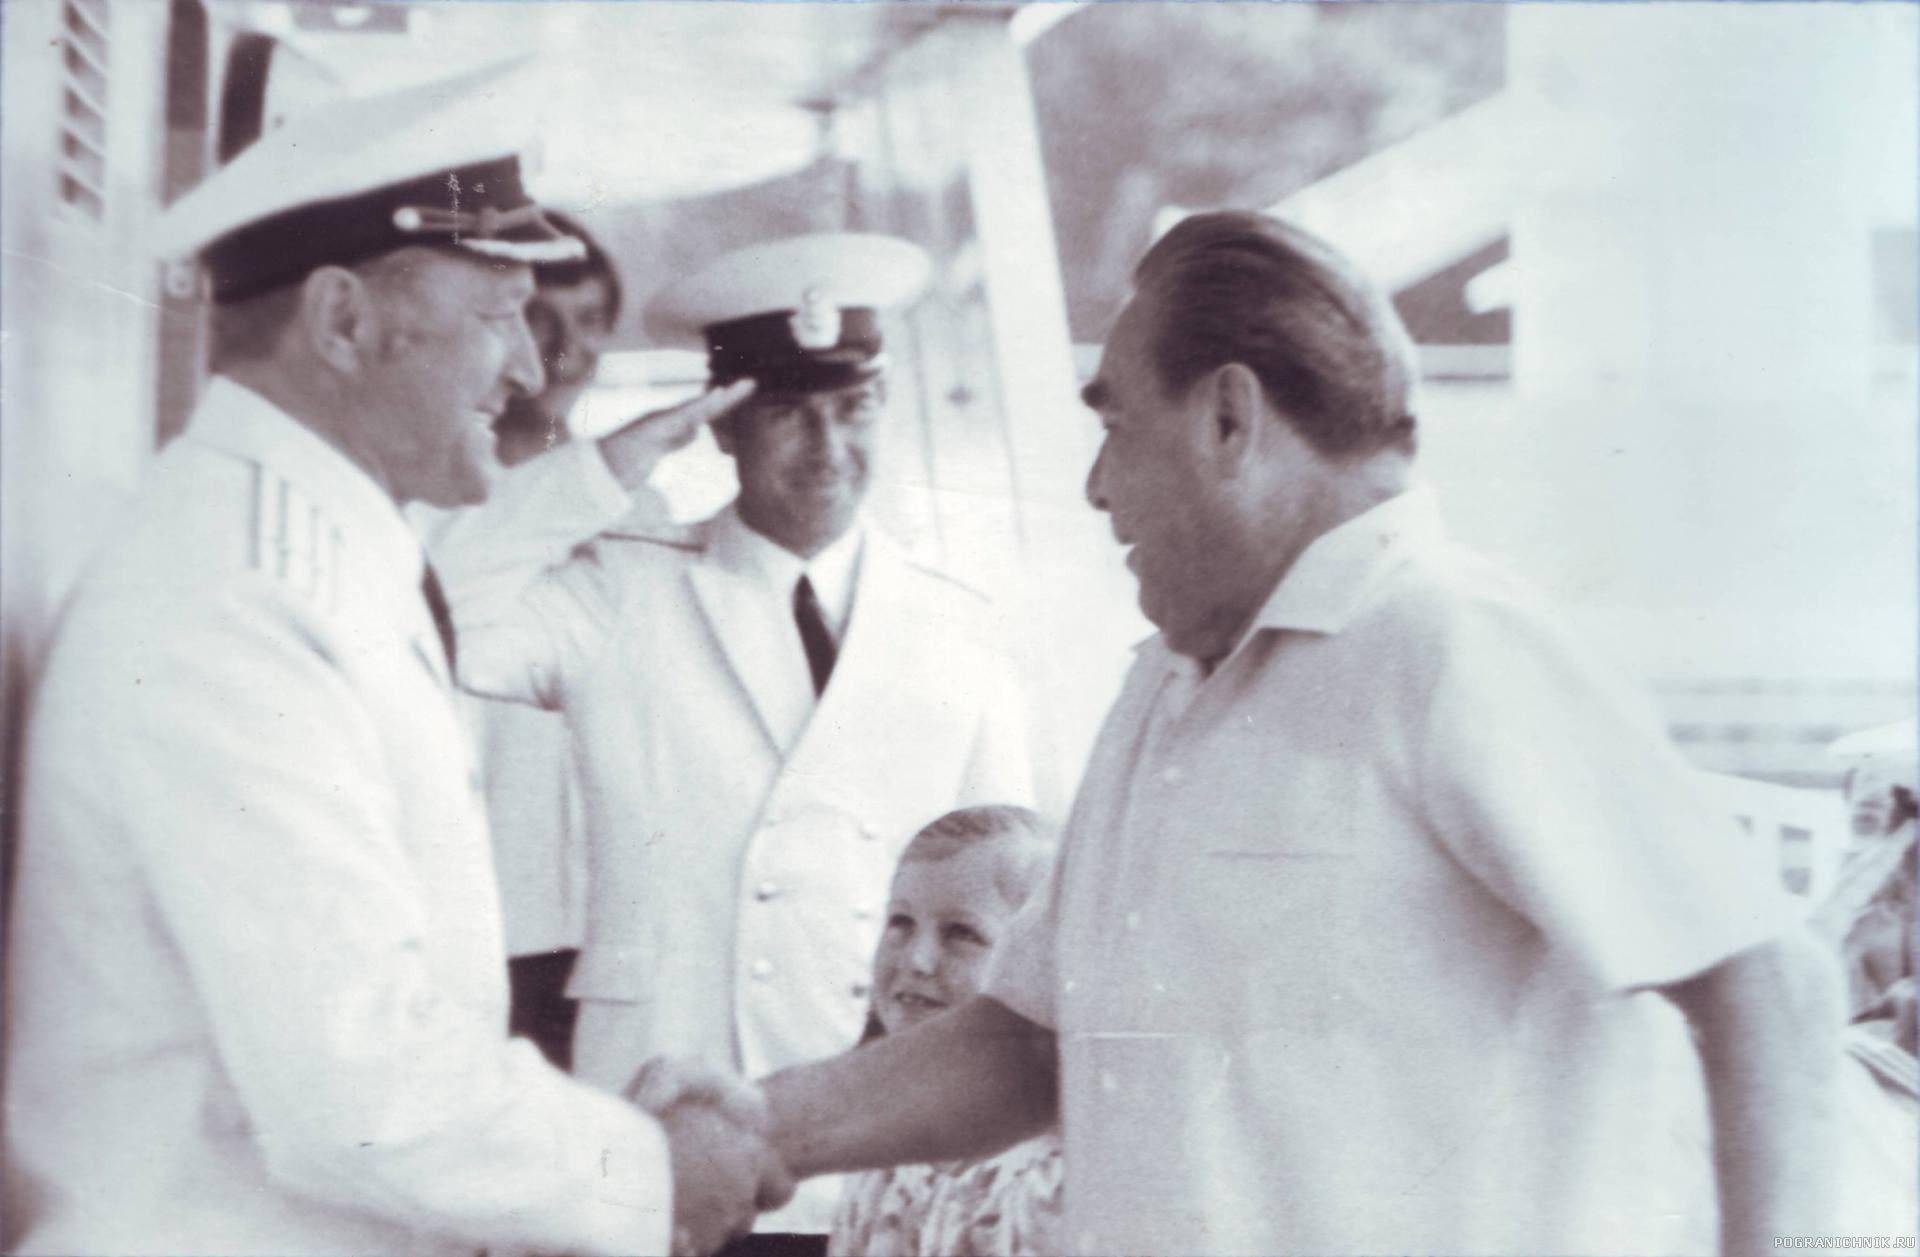 лето 1980 г. Причал гос. дачи Л. И. Брежнева в Ливадии